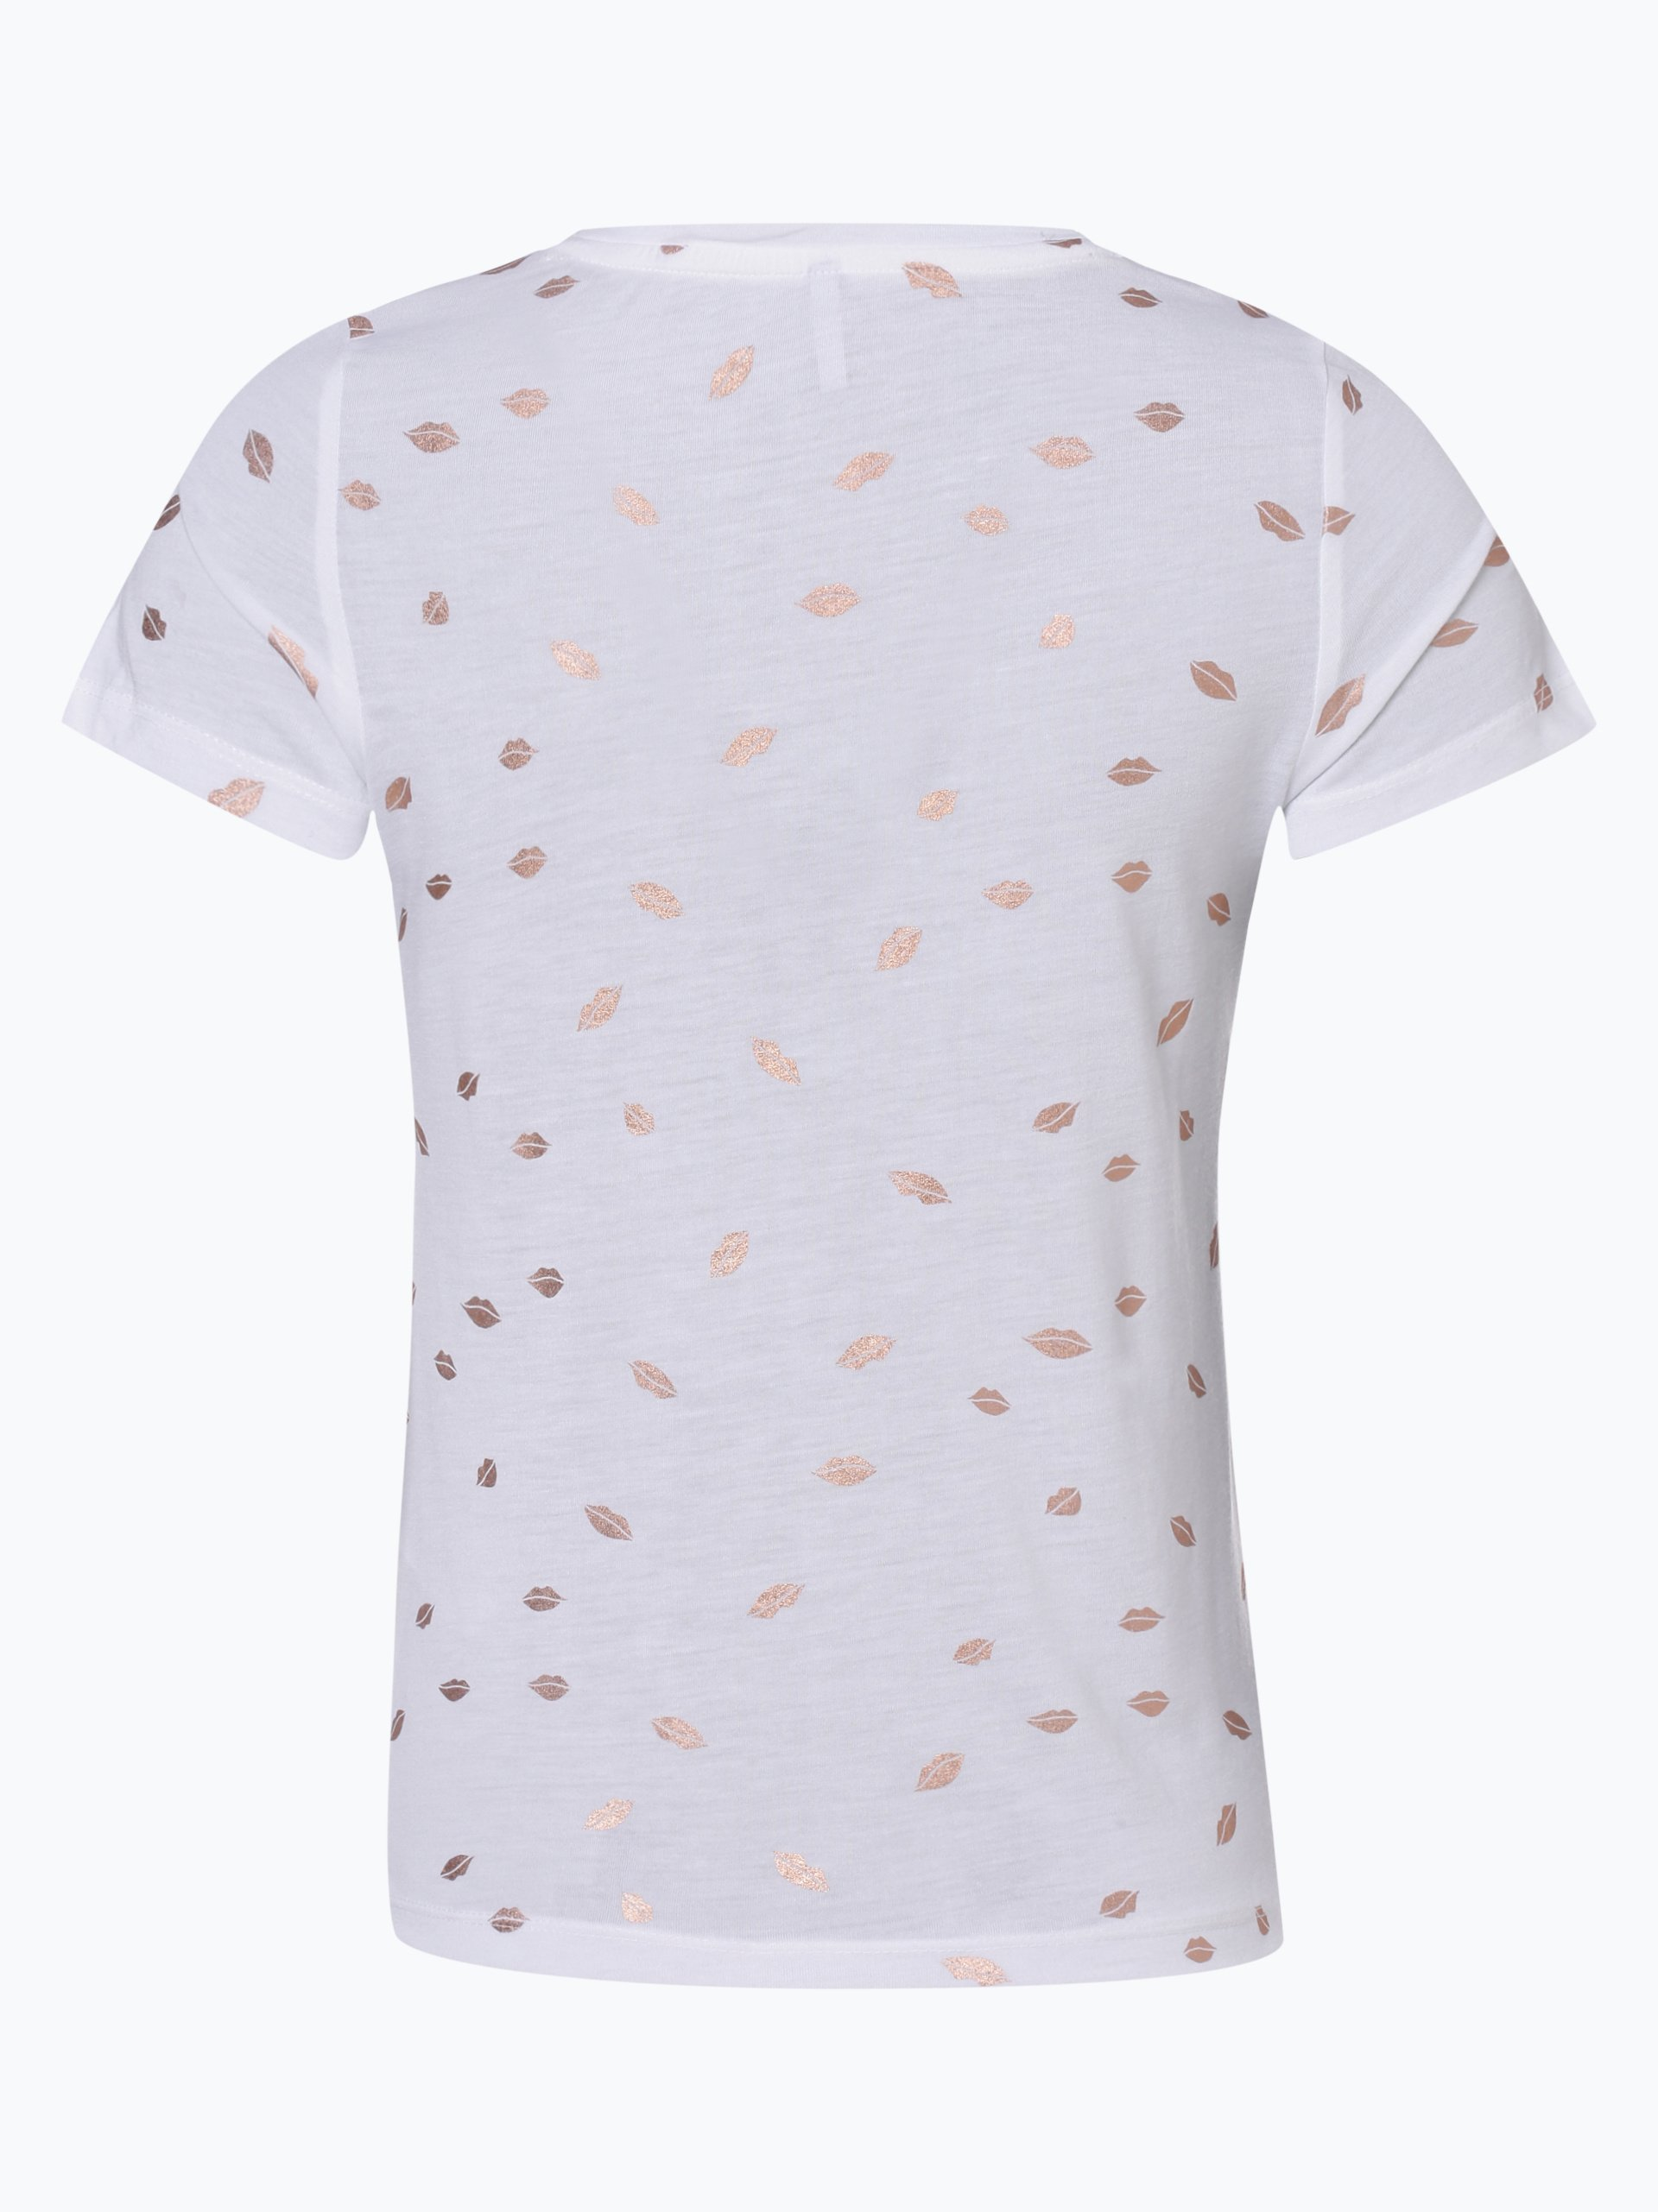 ONLY Damen T-Shirt - Onlisabella